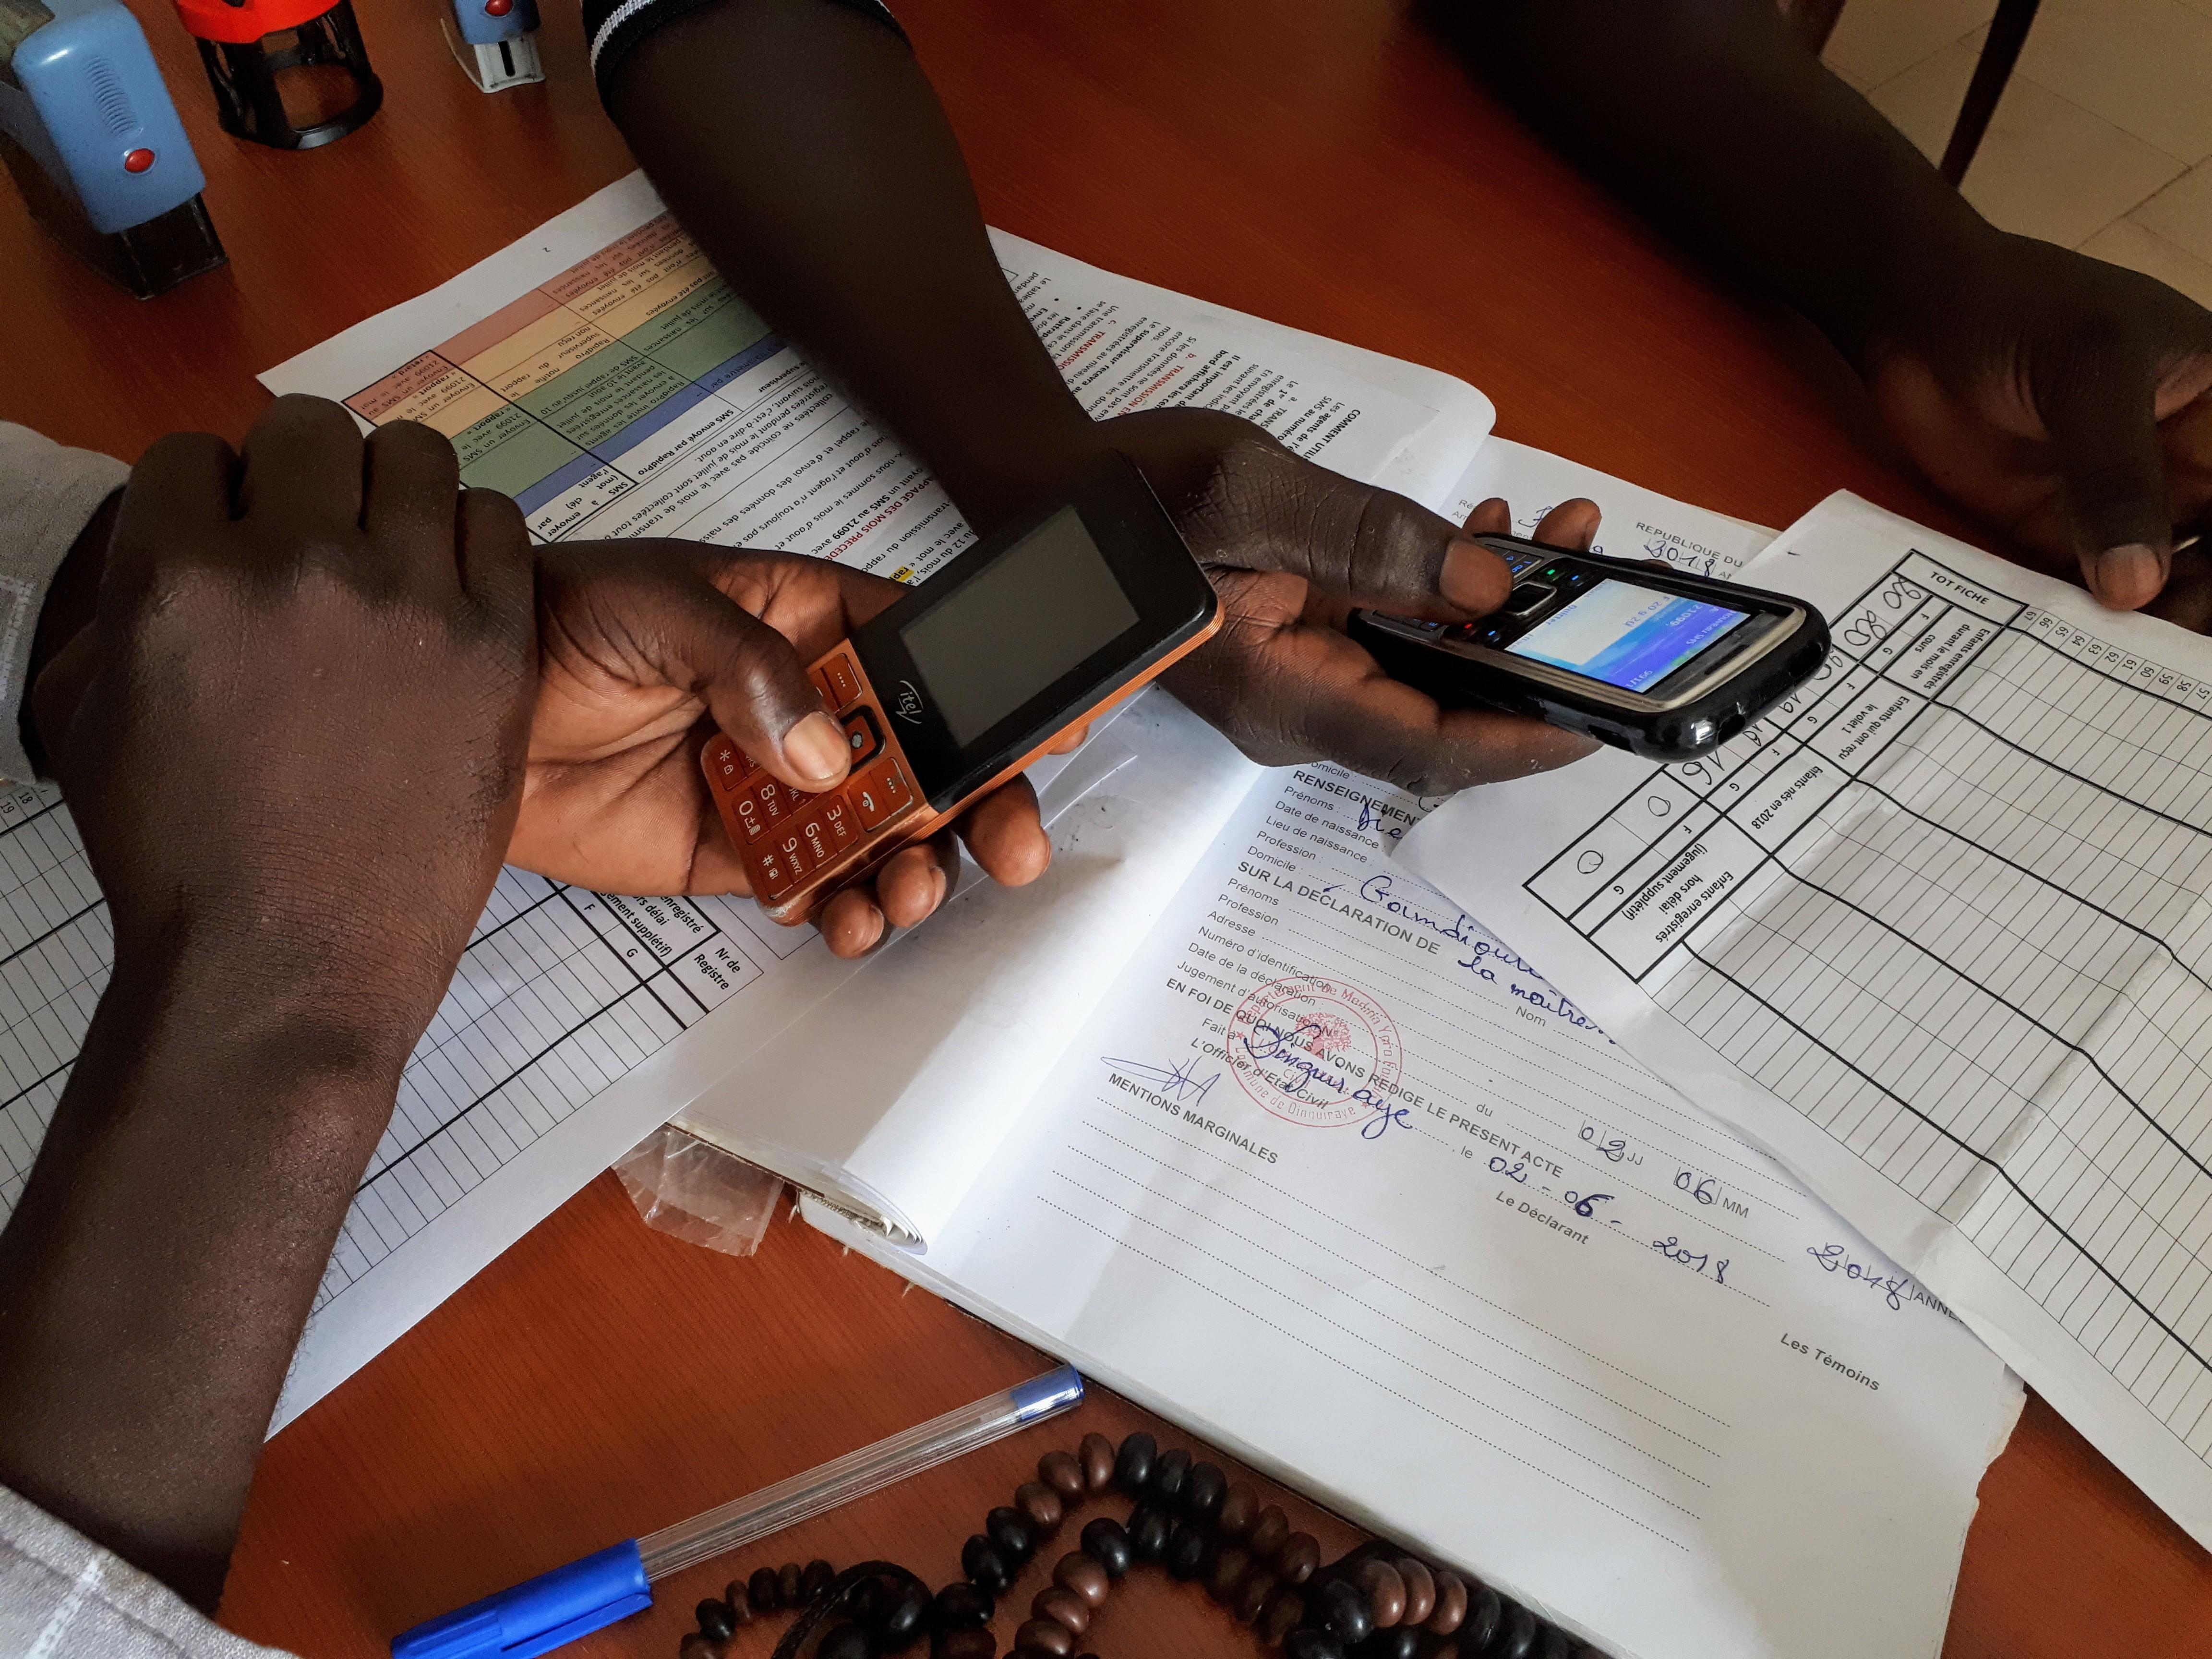 Lasten syntymärekisteröinnit saadaan tilastoitua matkapuhelinten avulla. Yksinkertaista ja edullista!